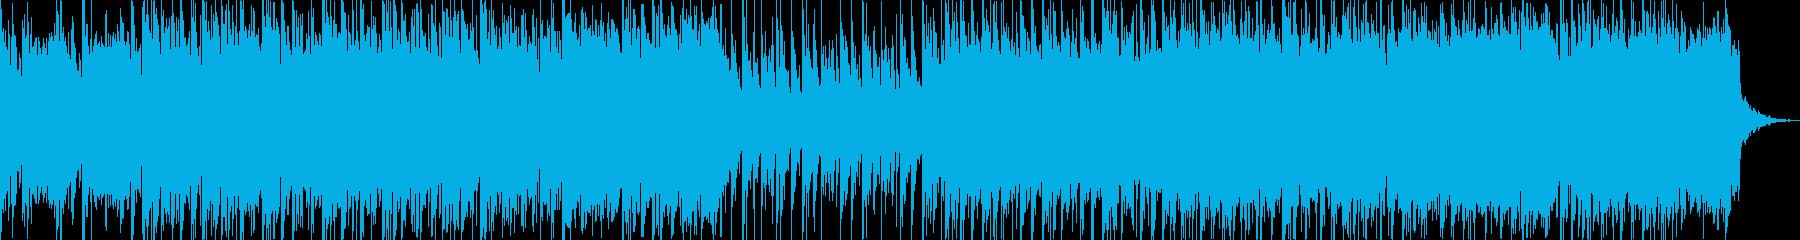 大型モンスターと戦う系の和風曲の再生済みの波形